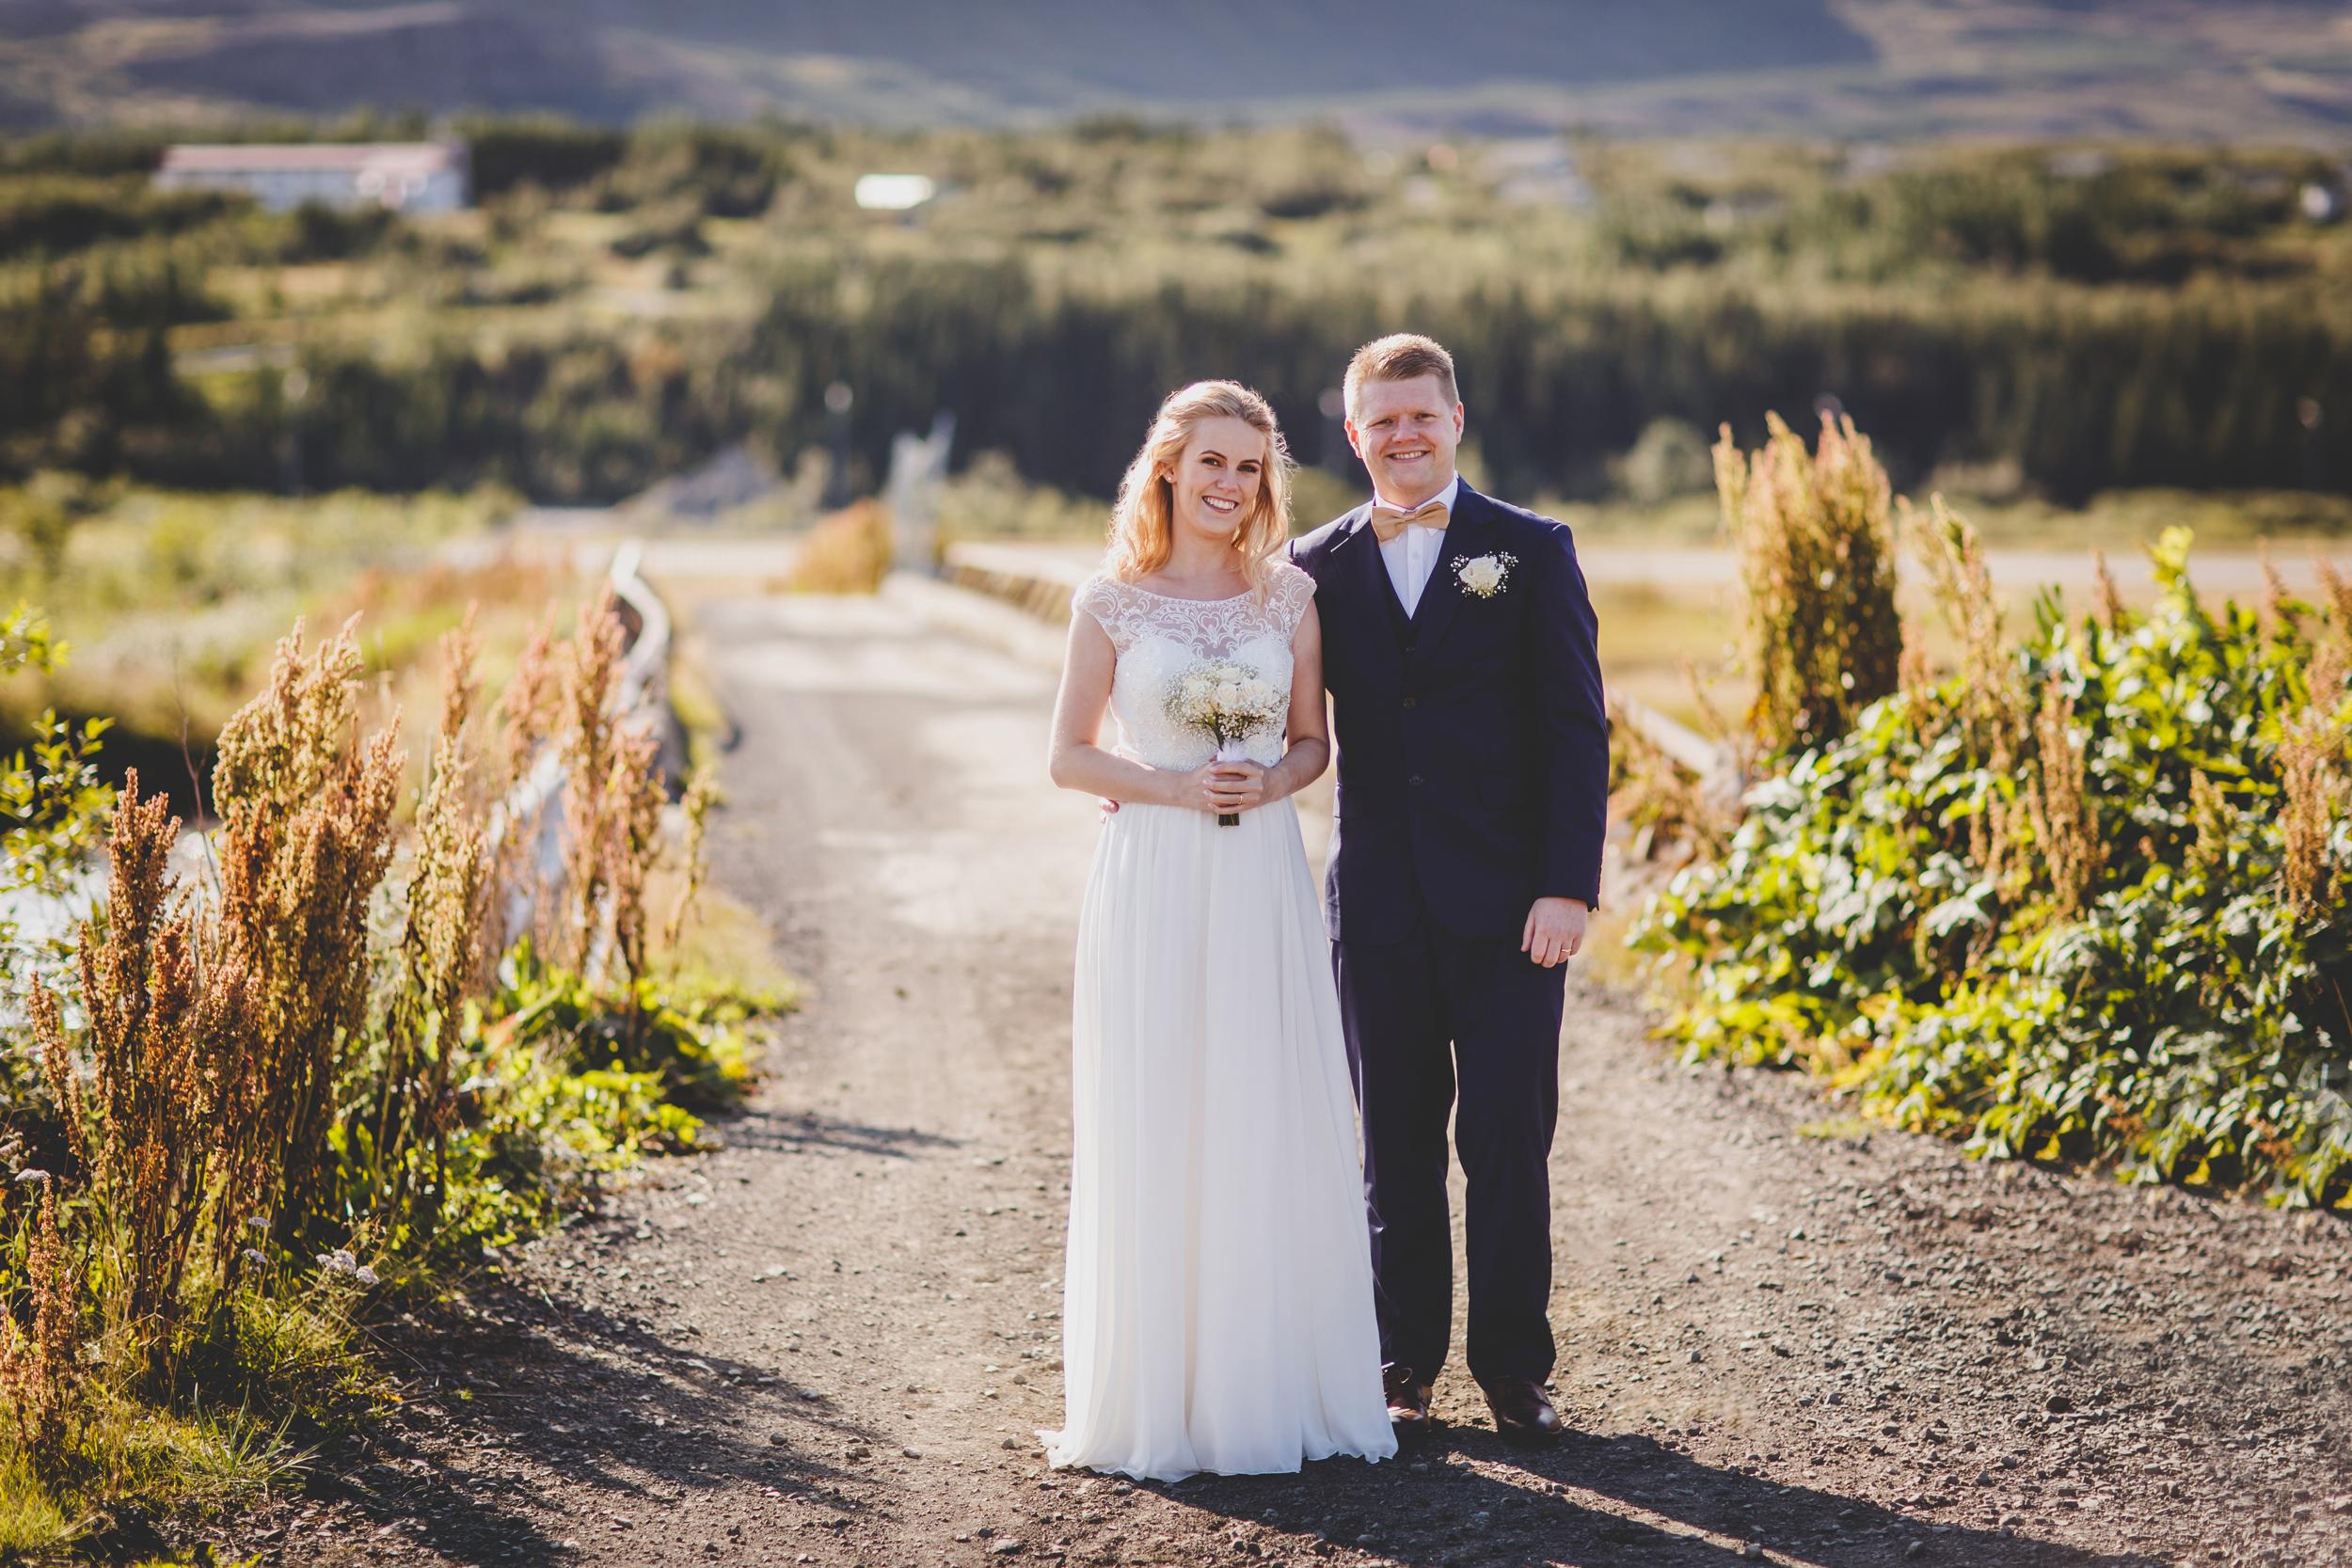 Brudkaup01-218.jpg